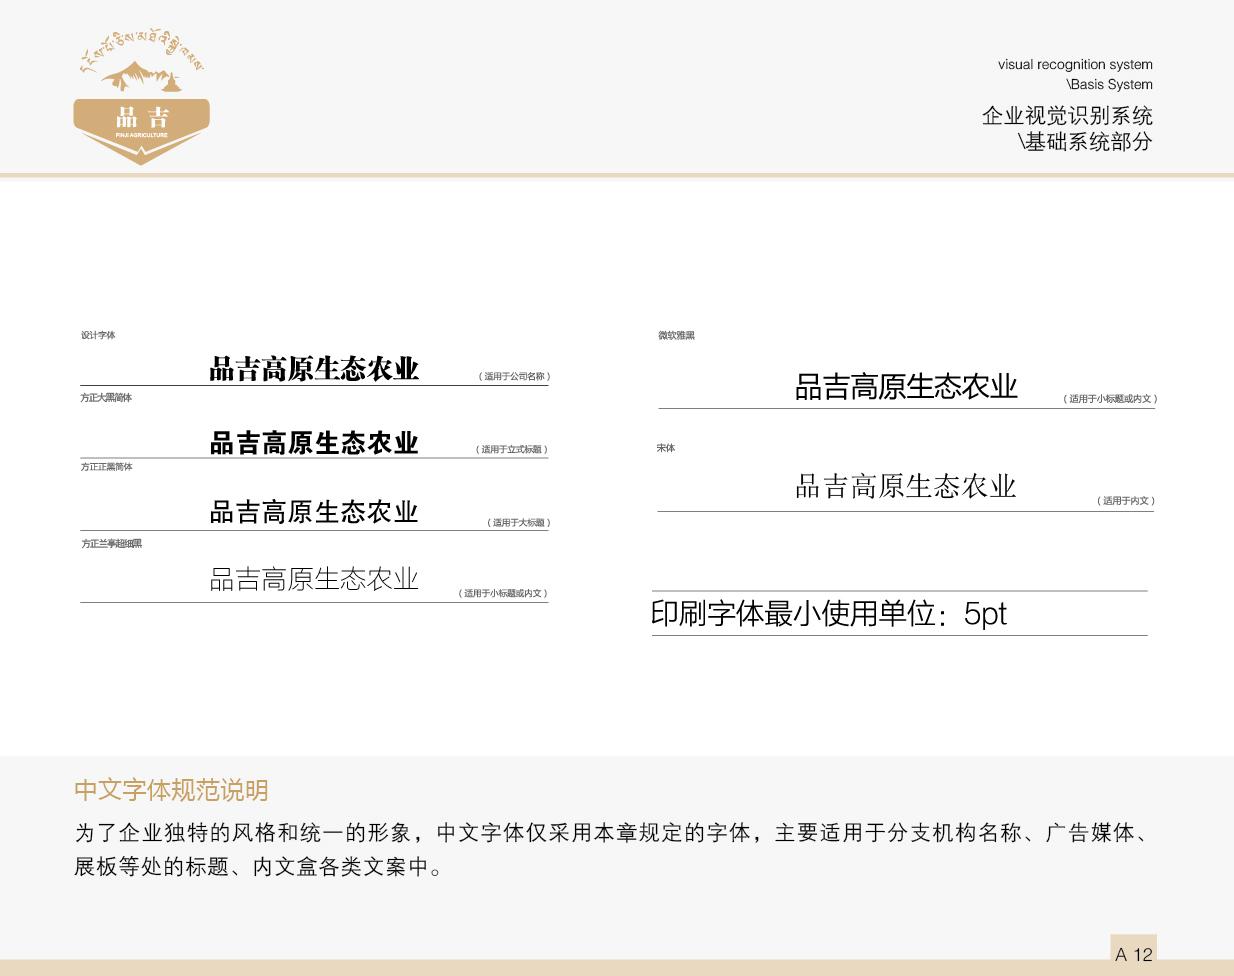 品吉农业VI 基础系统部分  客户资料  第13张